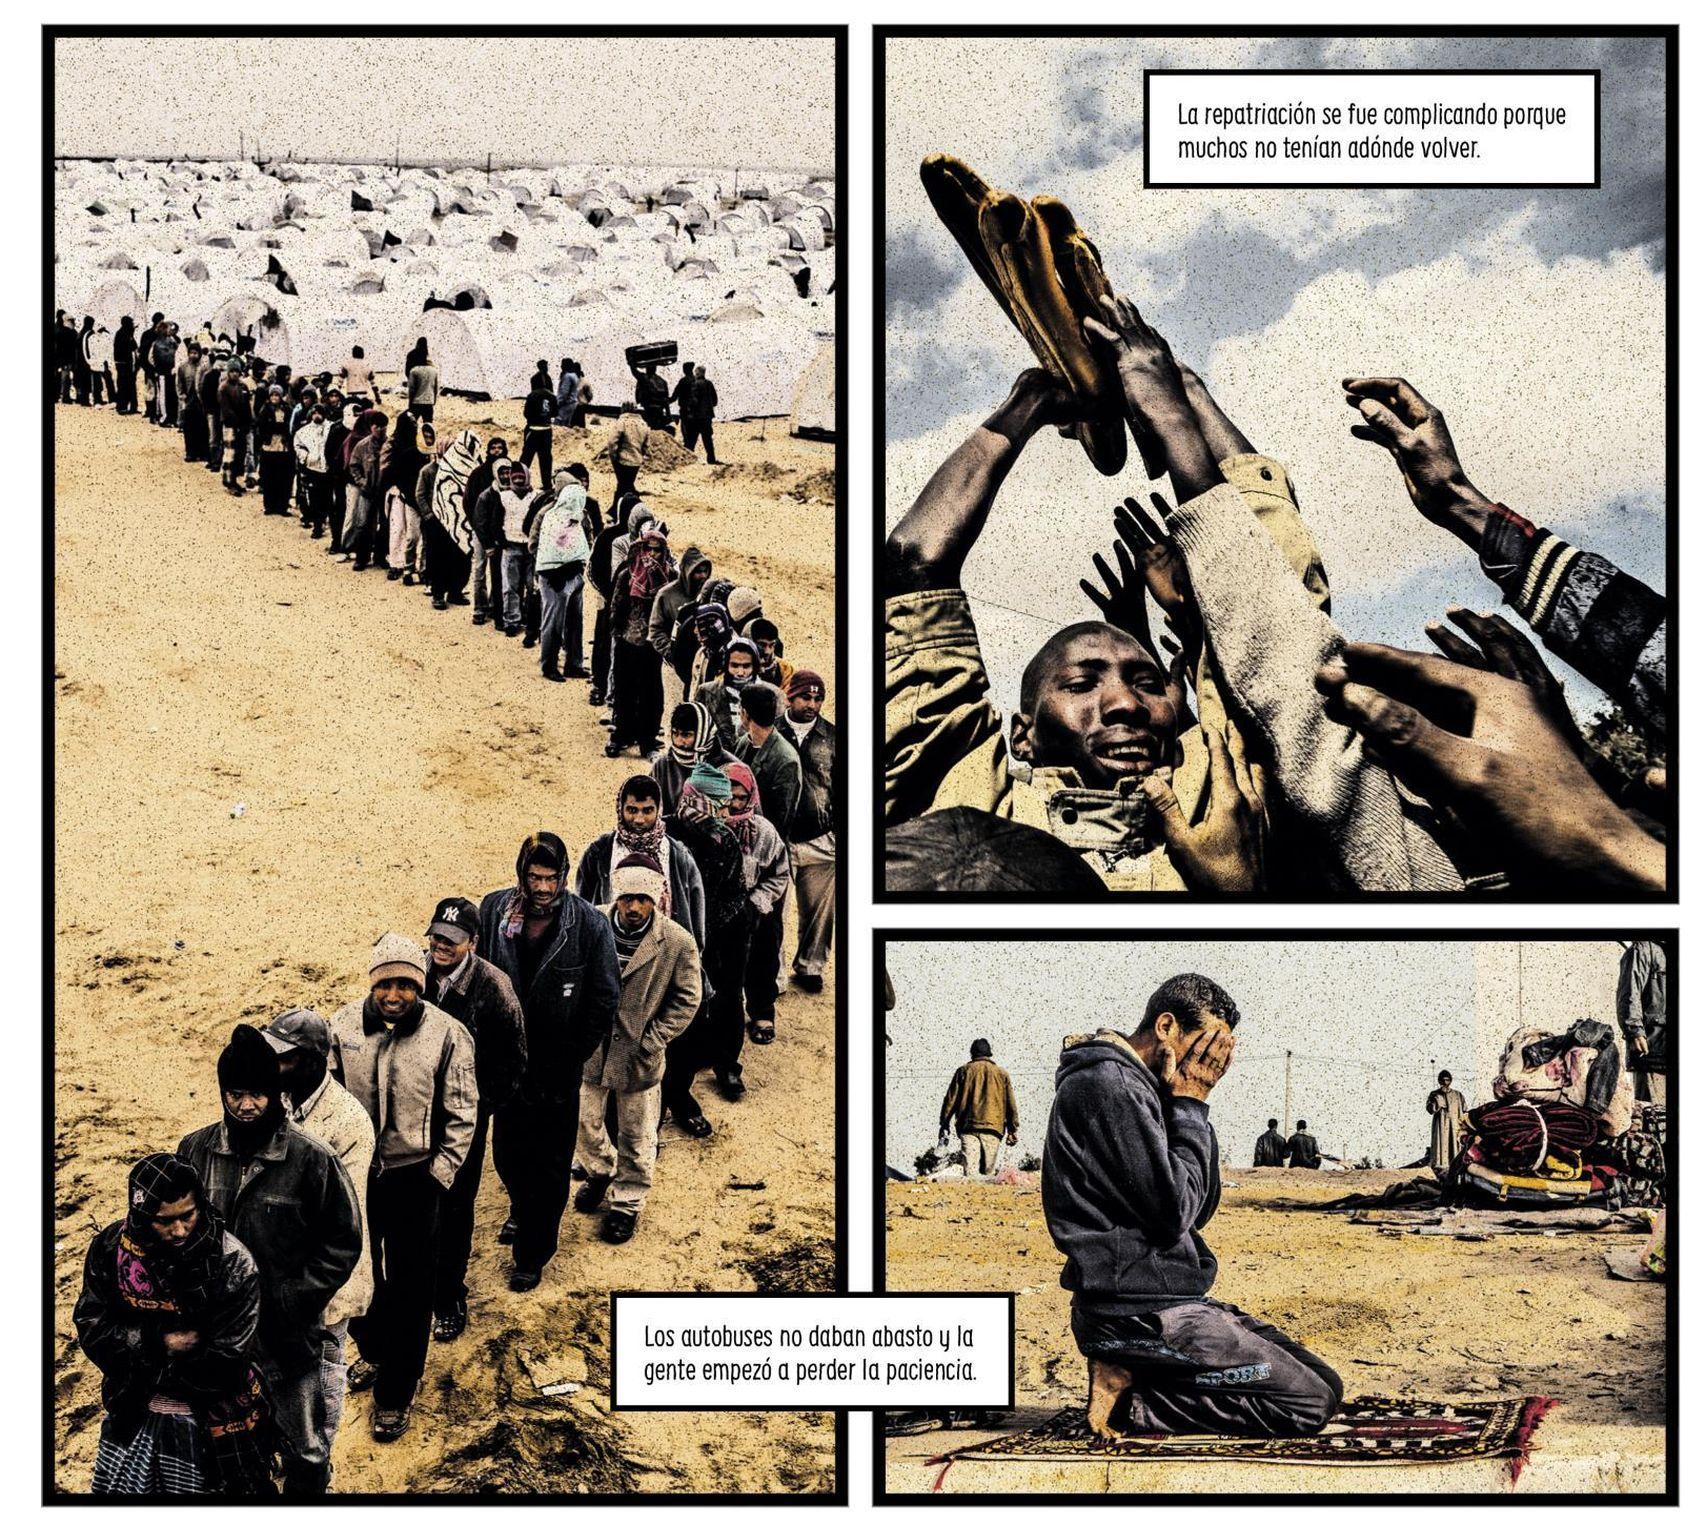 Resultado de imagen para drama refugiados a blanco y negro